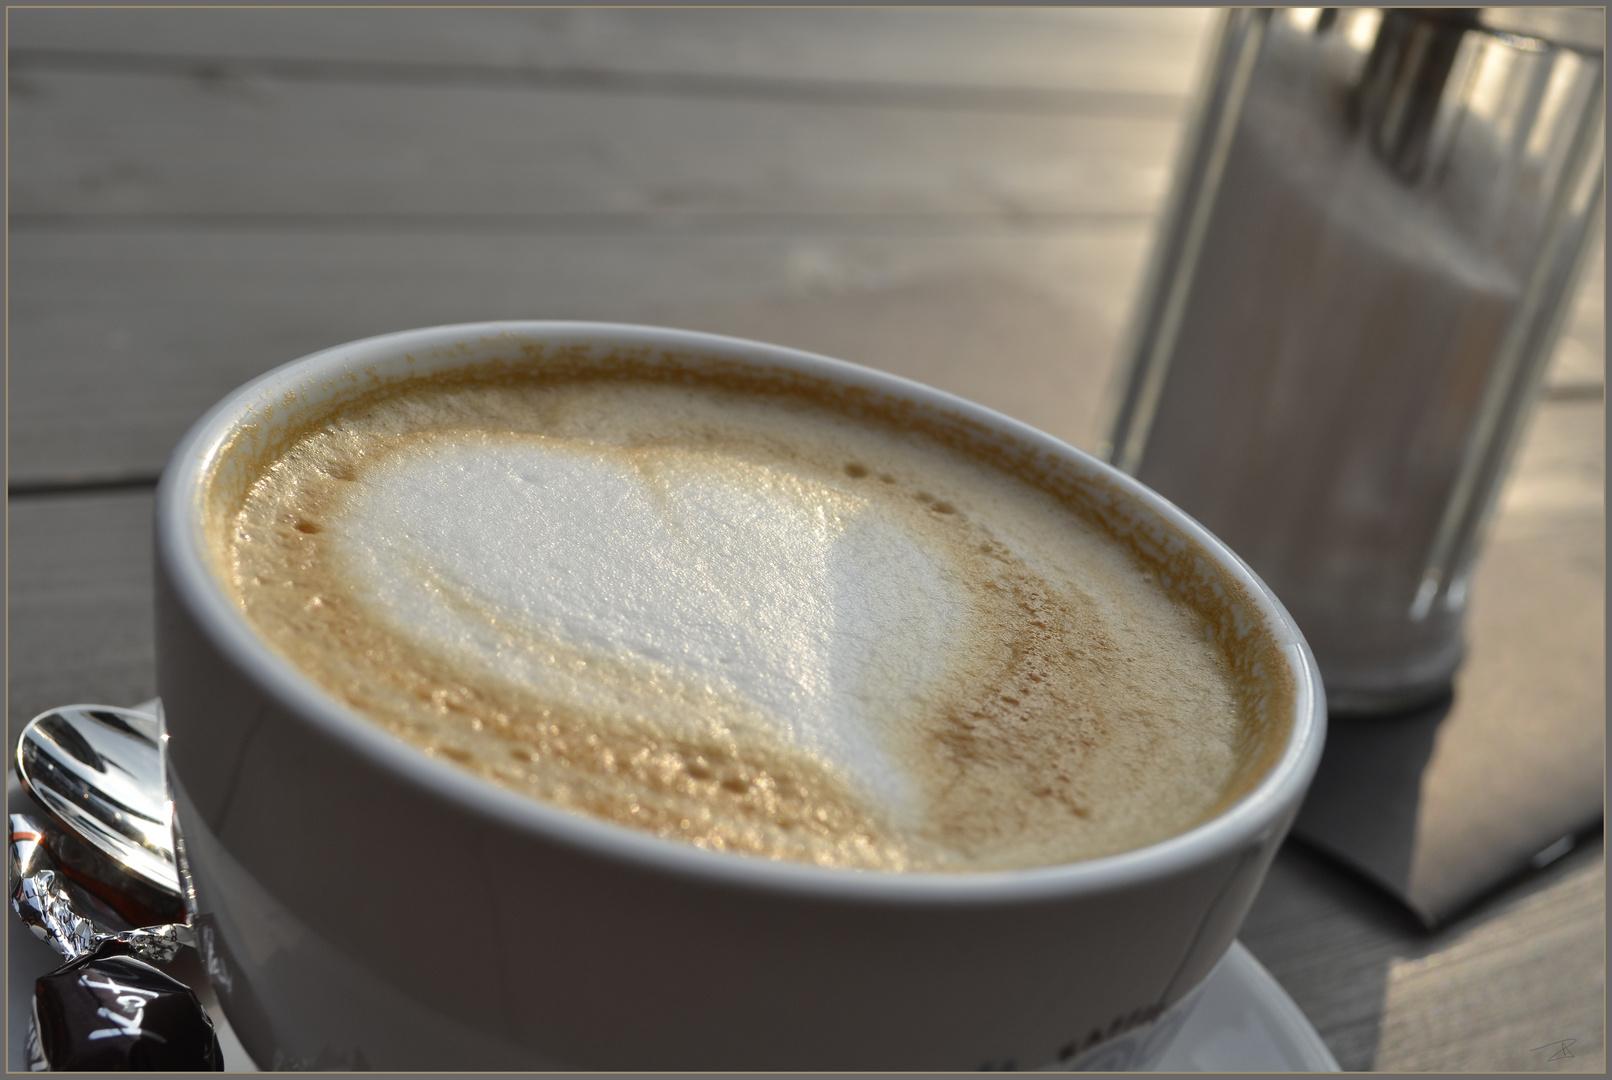 Es geht doch nichts über einen guten Kaffee